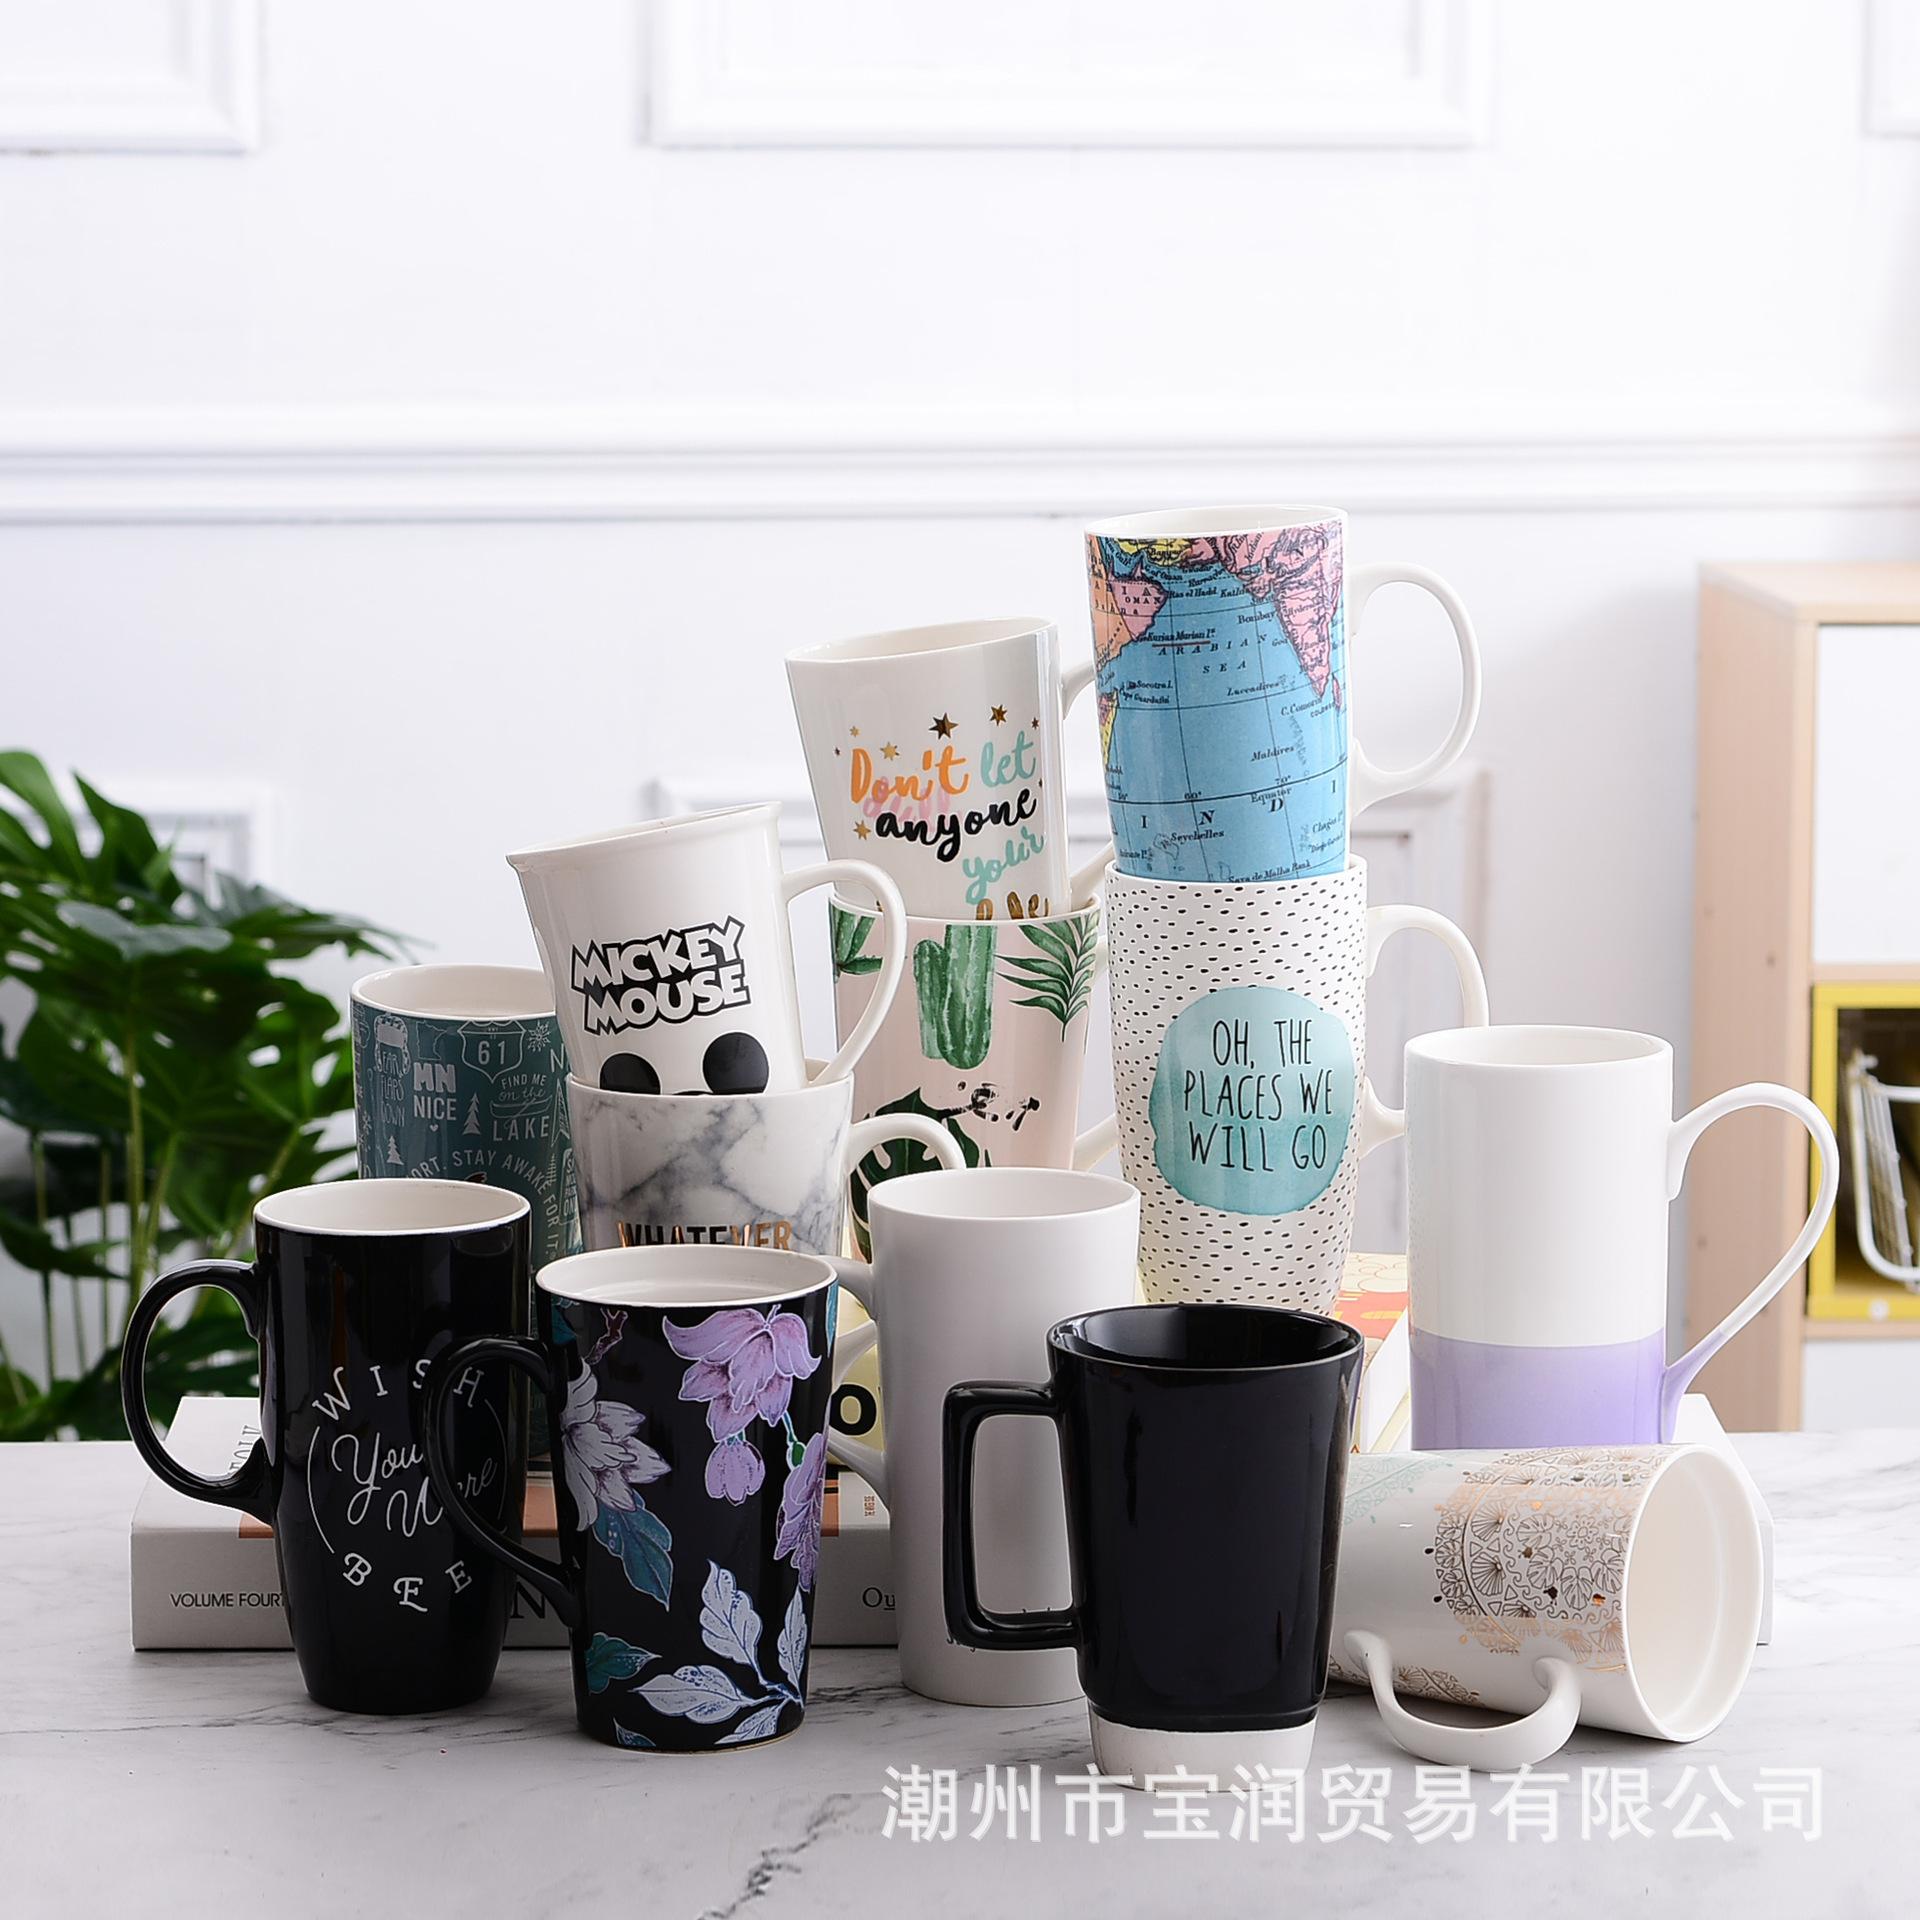 宝润商务陶瓷礼品 库存尾单 多款花面大容量高杯 情侣水杯 奶茶杯